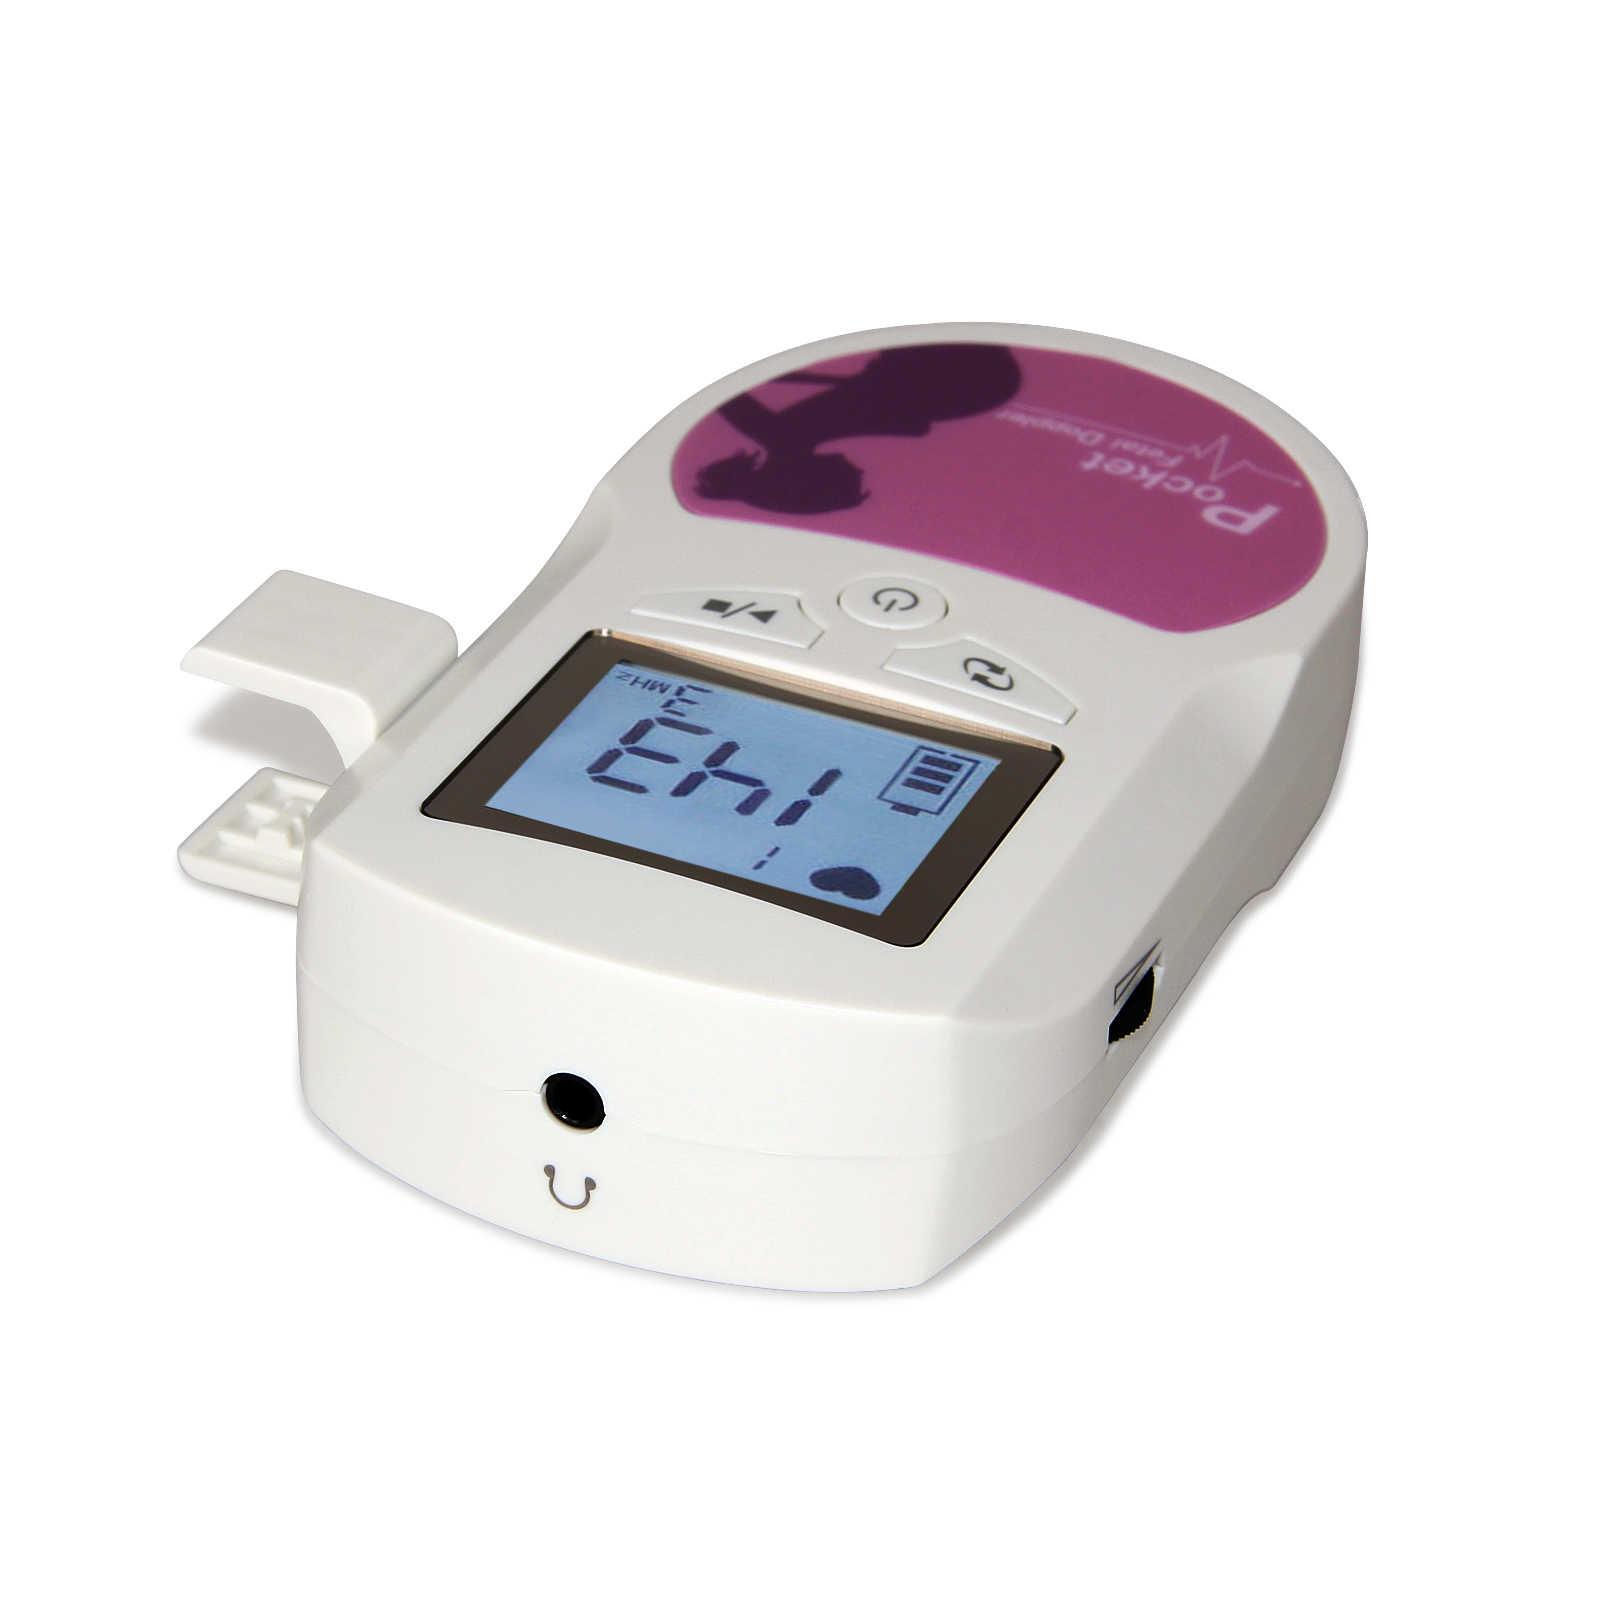 Panduan Kehamilan Bayi Suara Fetal Doppler dengan 2Mhz Probe dengan LCD Display & Keras Suara Eksternal Bayi Detak Jantung monitor